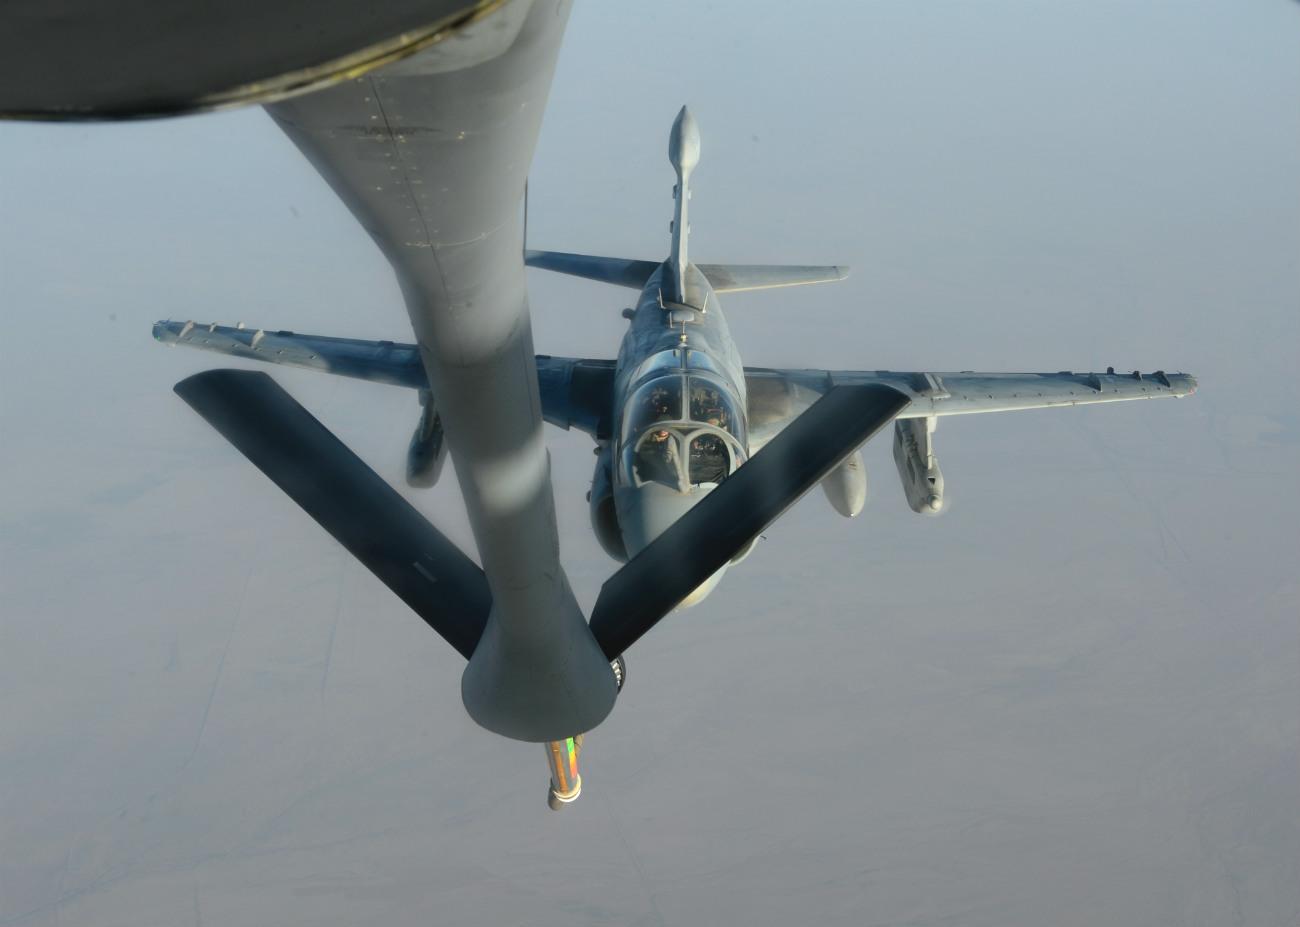 EA-6b Prowler refuels